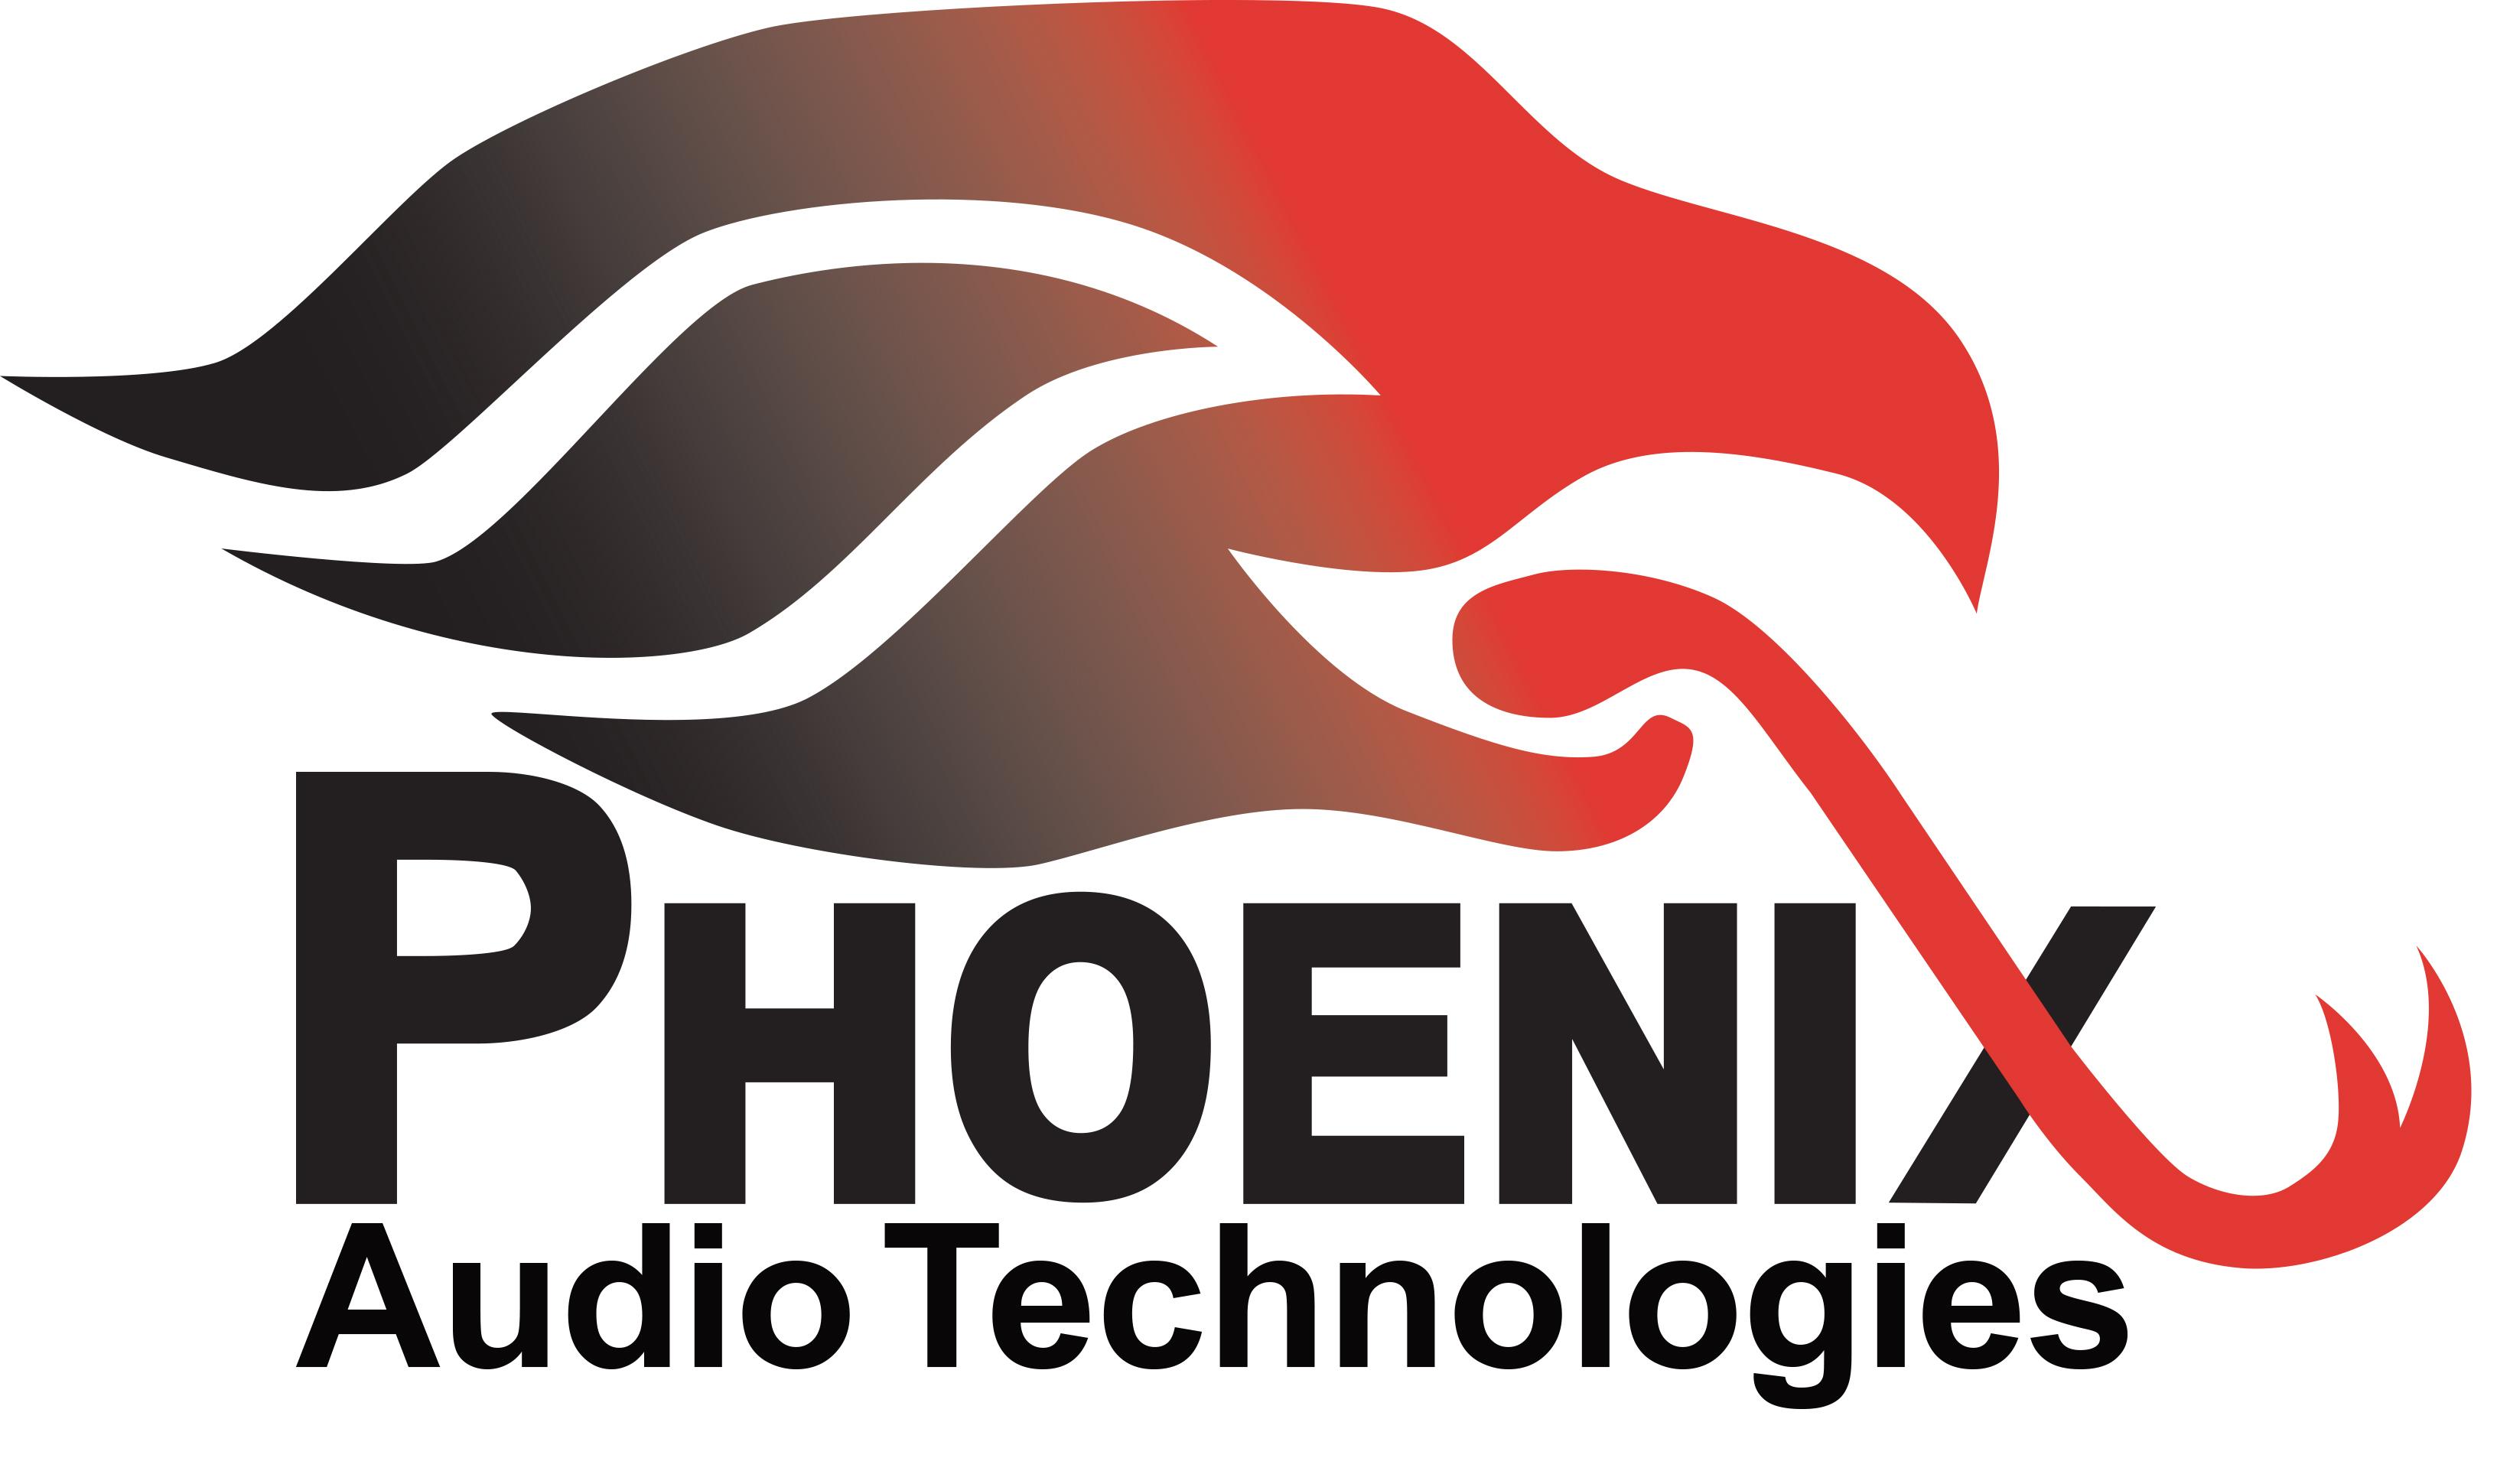 Phoenix Audio Technologies Releases SIP Dialer App for